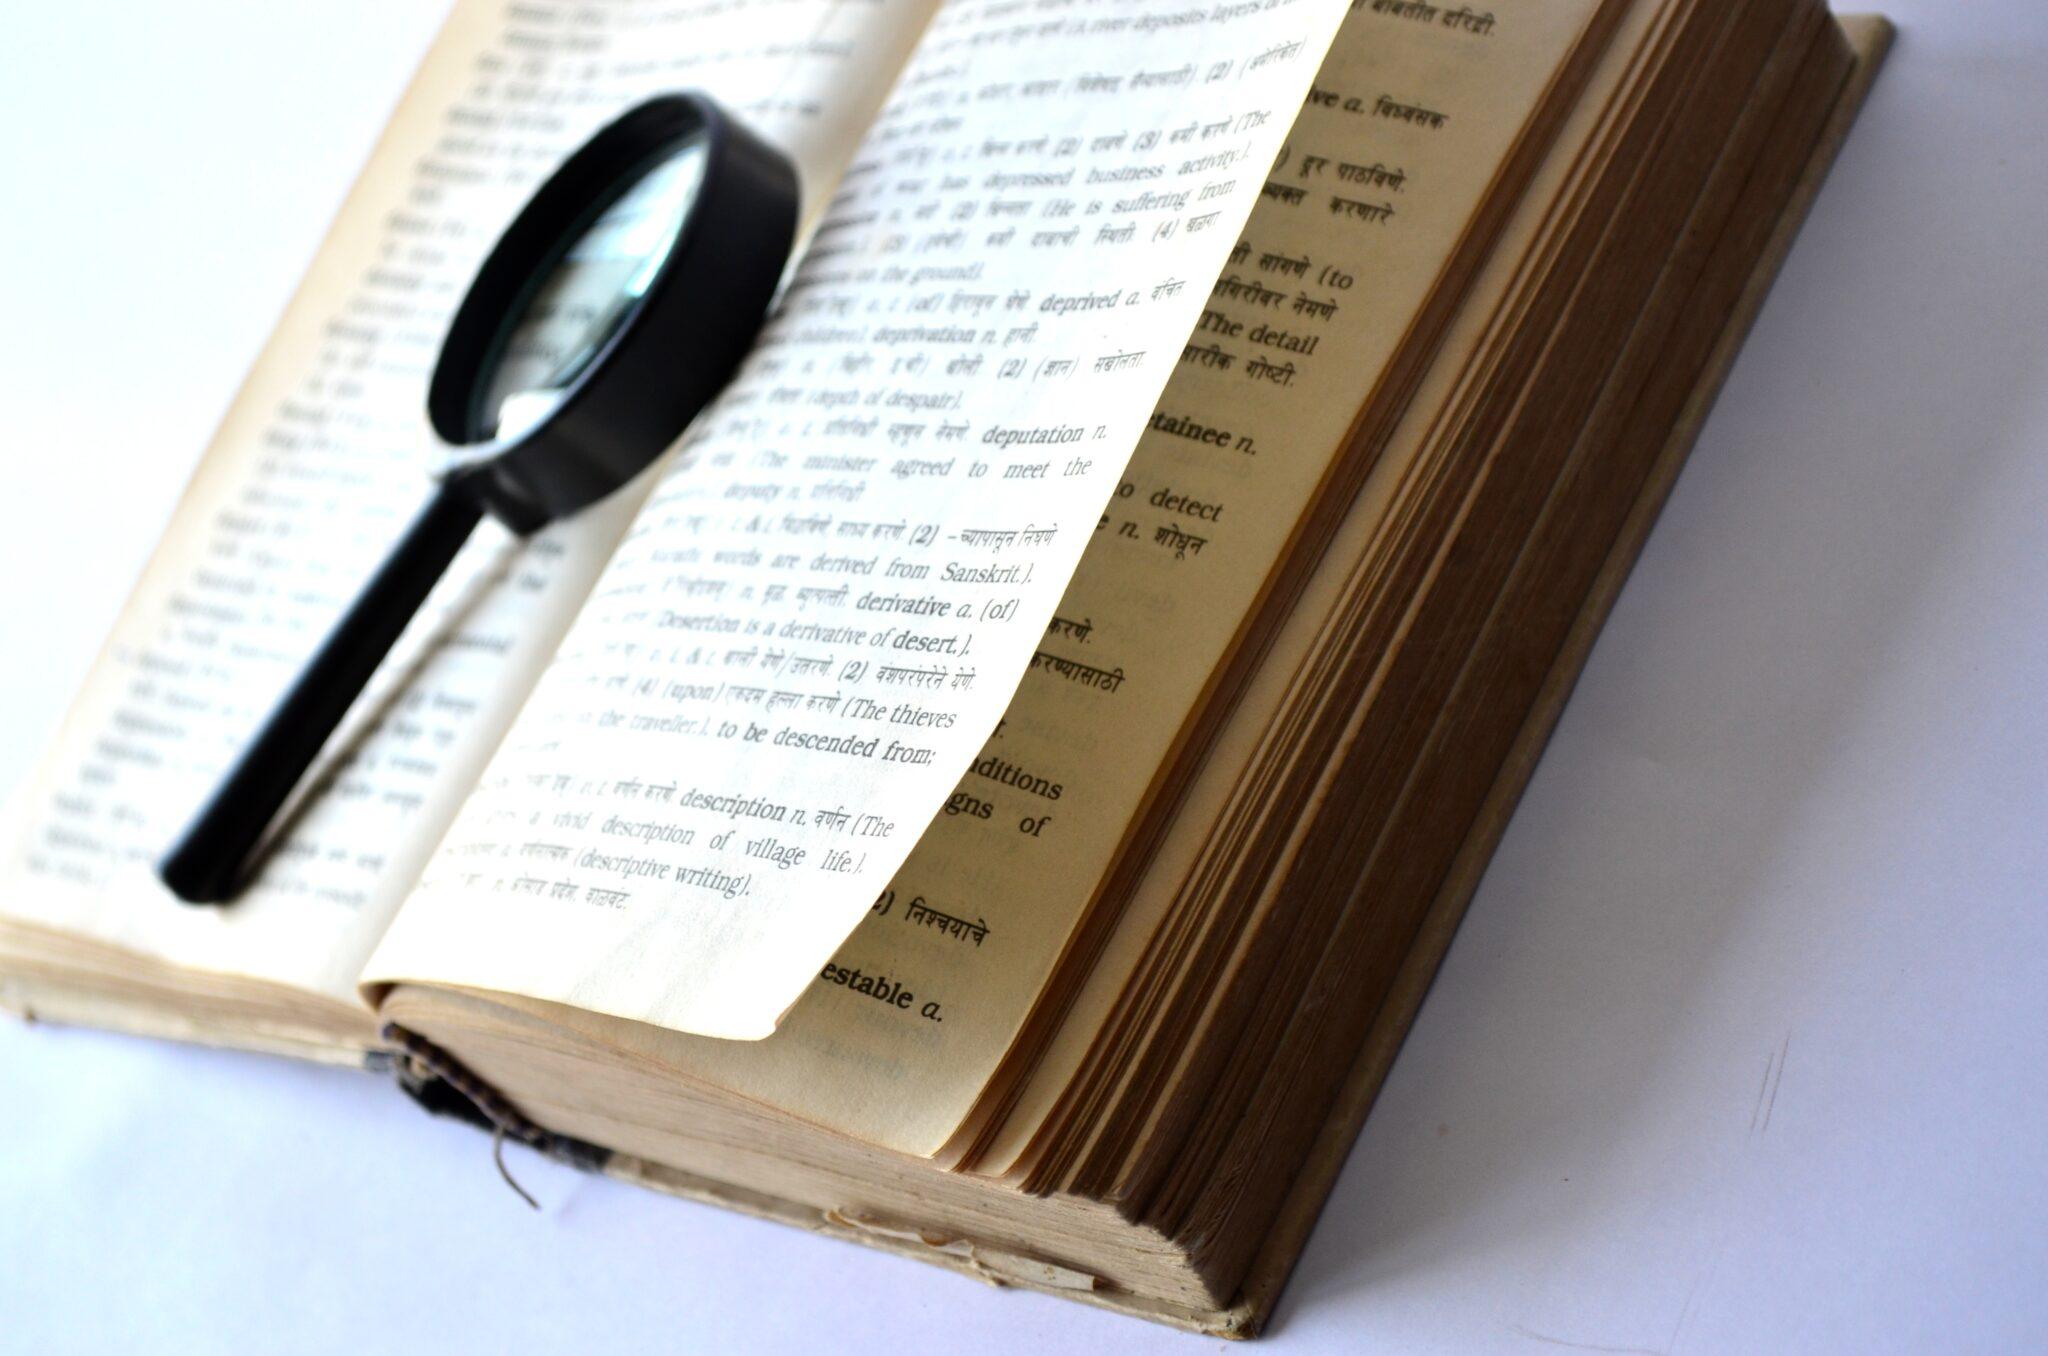 βιβλία που ερμηνεύονται διαφορετικά